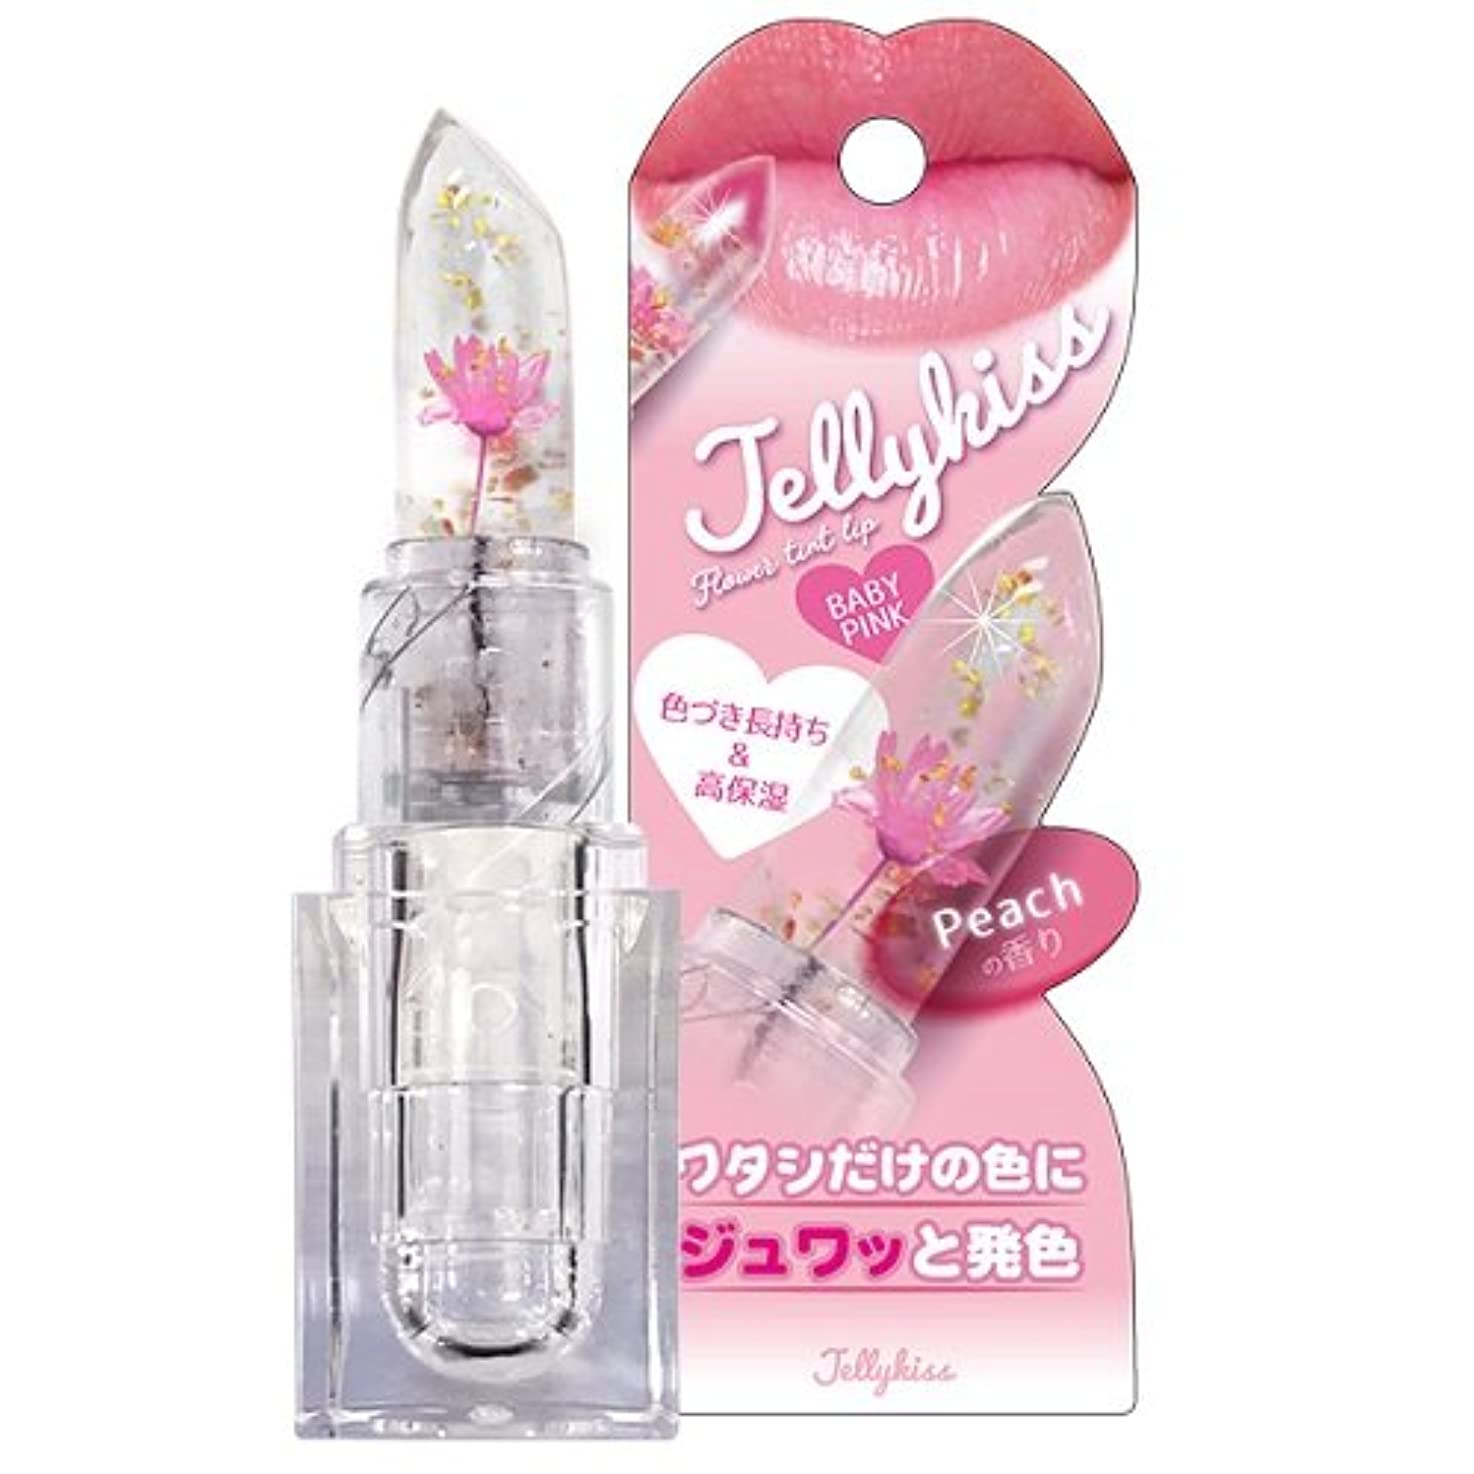 声を出してサラダトライアスロンジェリキス (Jelly kiss) 03 ベビーピンク 3.5g